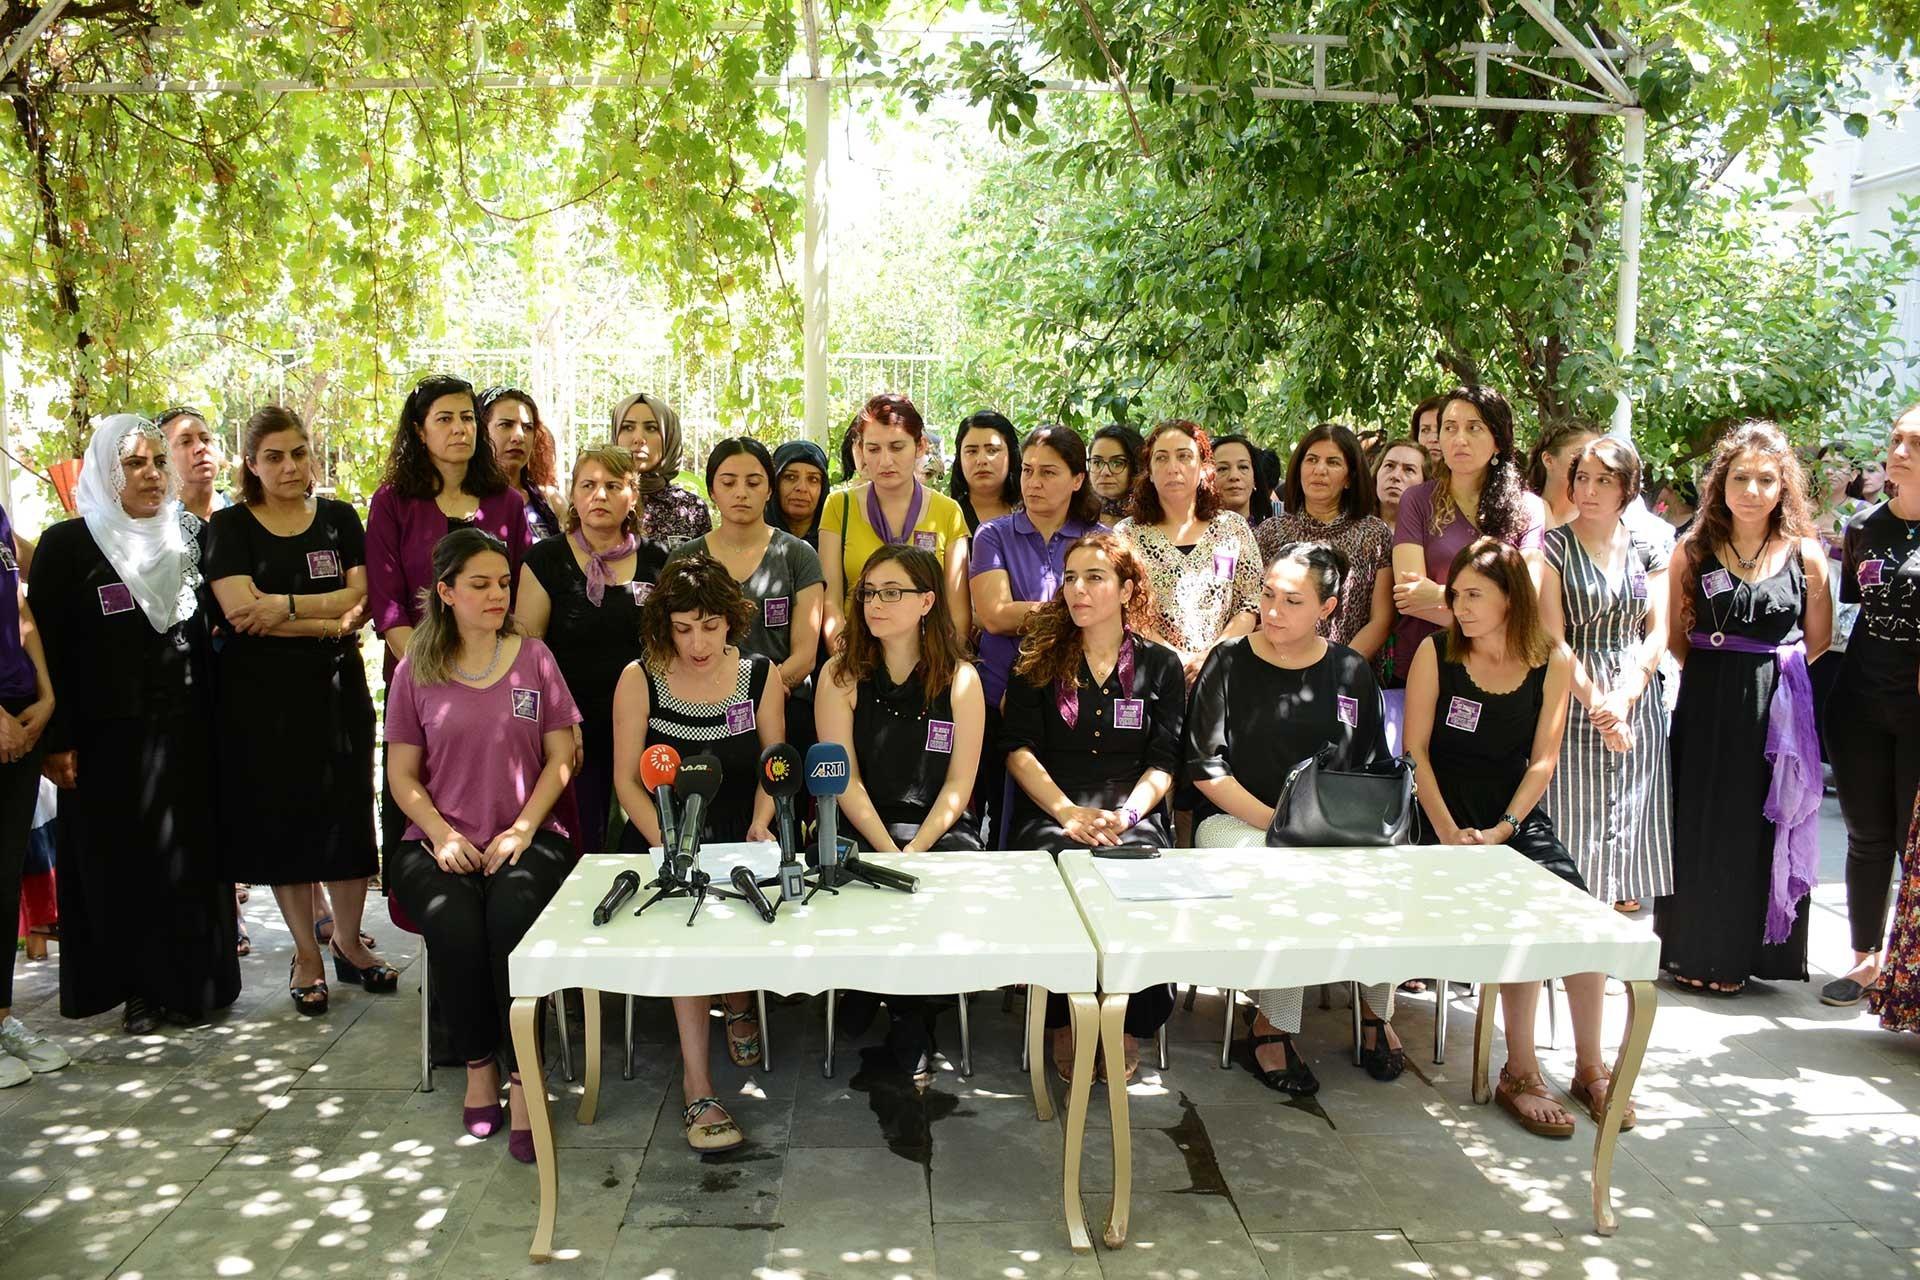 Şiddetle Mücadele Ağı: Diyarbakır'da 4 ayda 954 kadın, 1716 çocuk şiddete uğradı